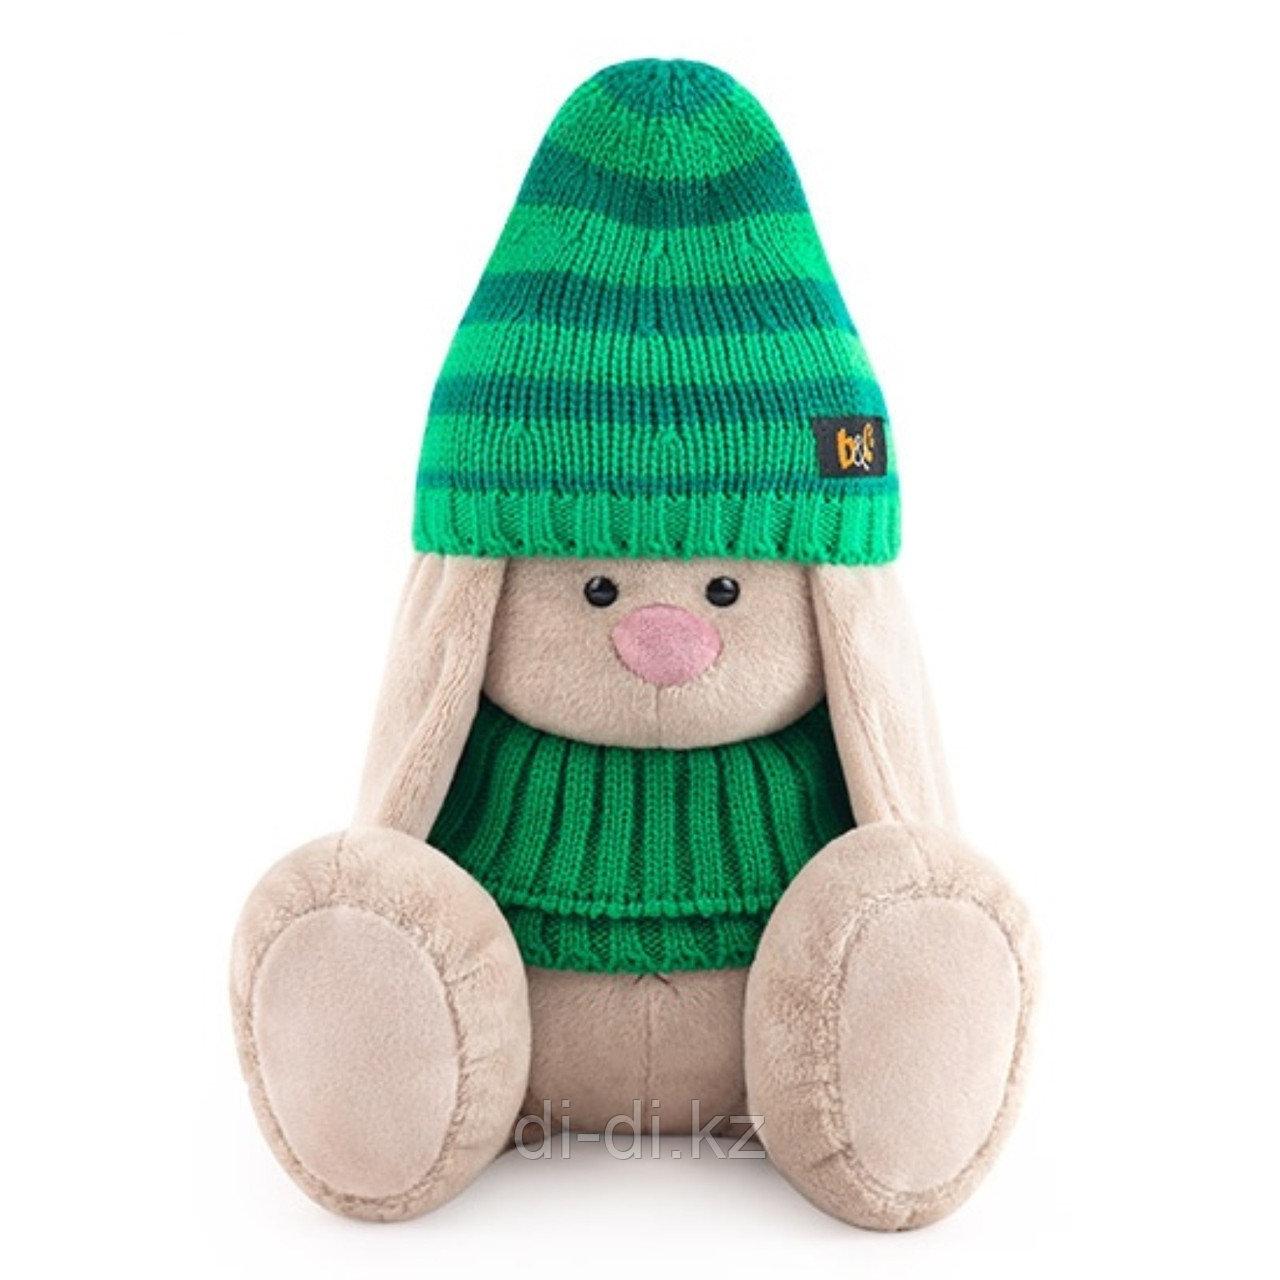 Мягкая игрушка «Зайка Ми в зеленой шапке и снуде», 23 см